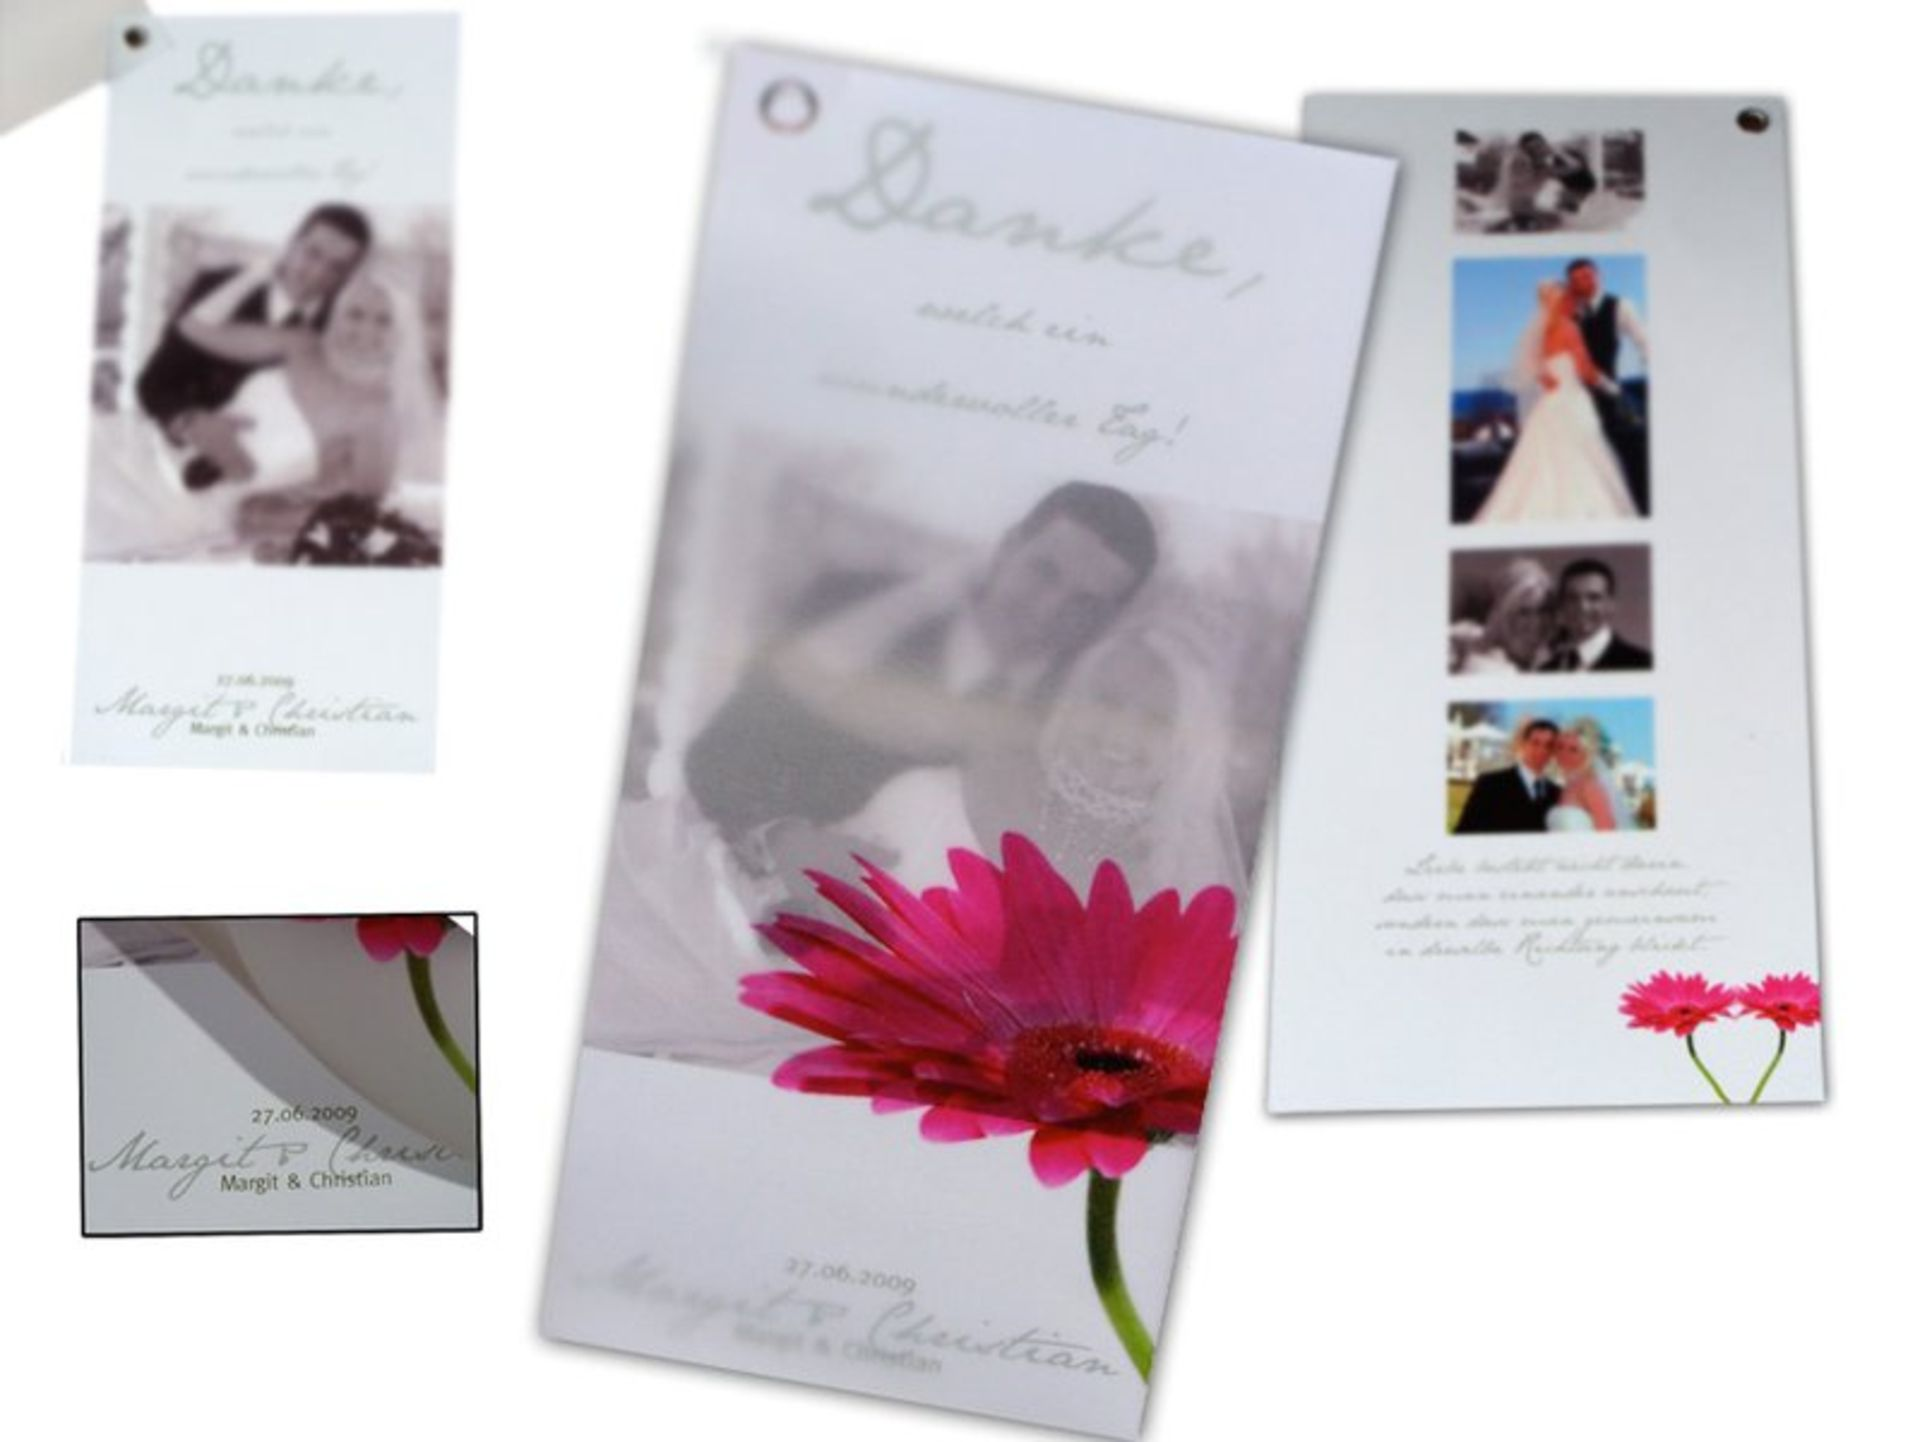 foto dankeskarten zur hochzeit gestalten drucken lassen. Black Bedroom Furniture Sets. Home Design Ideas